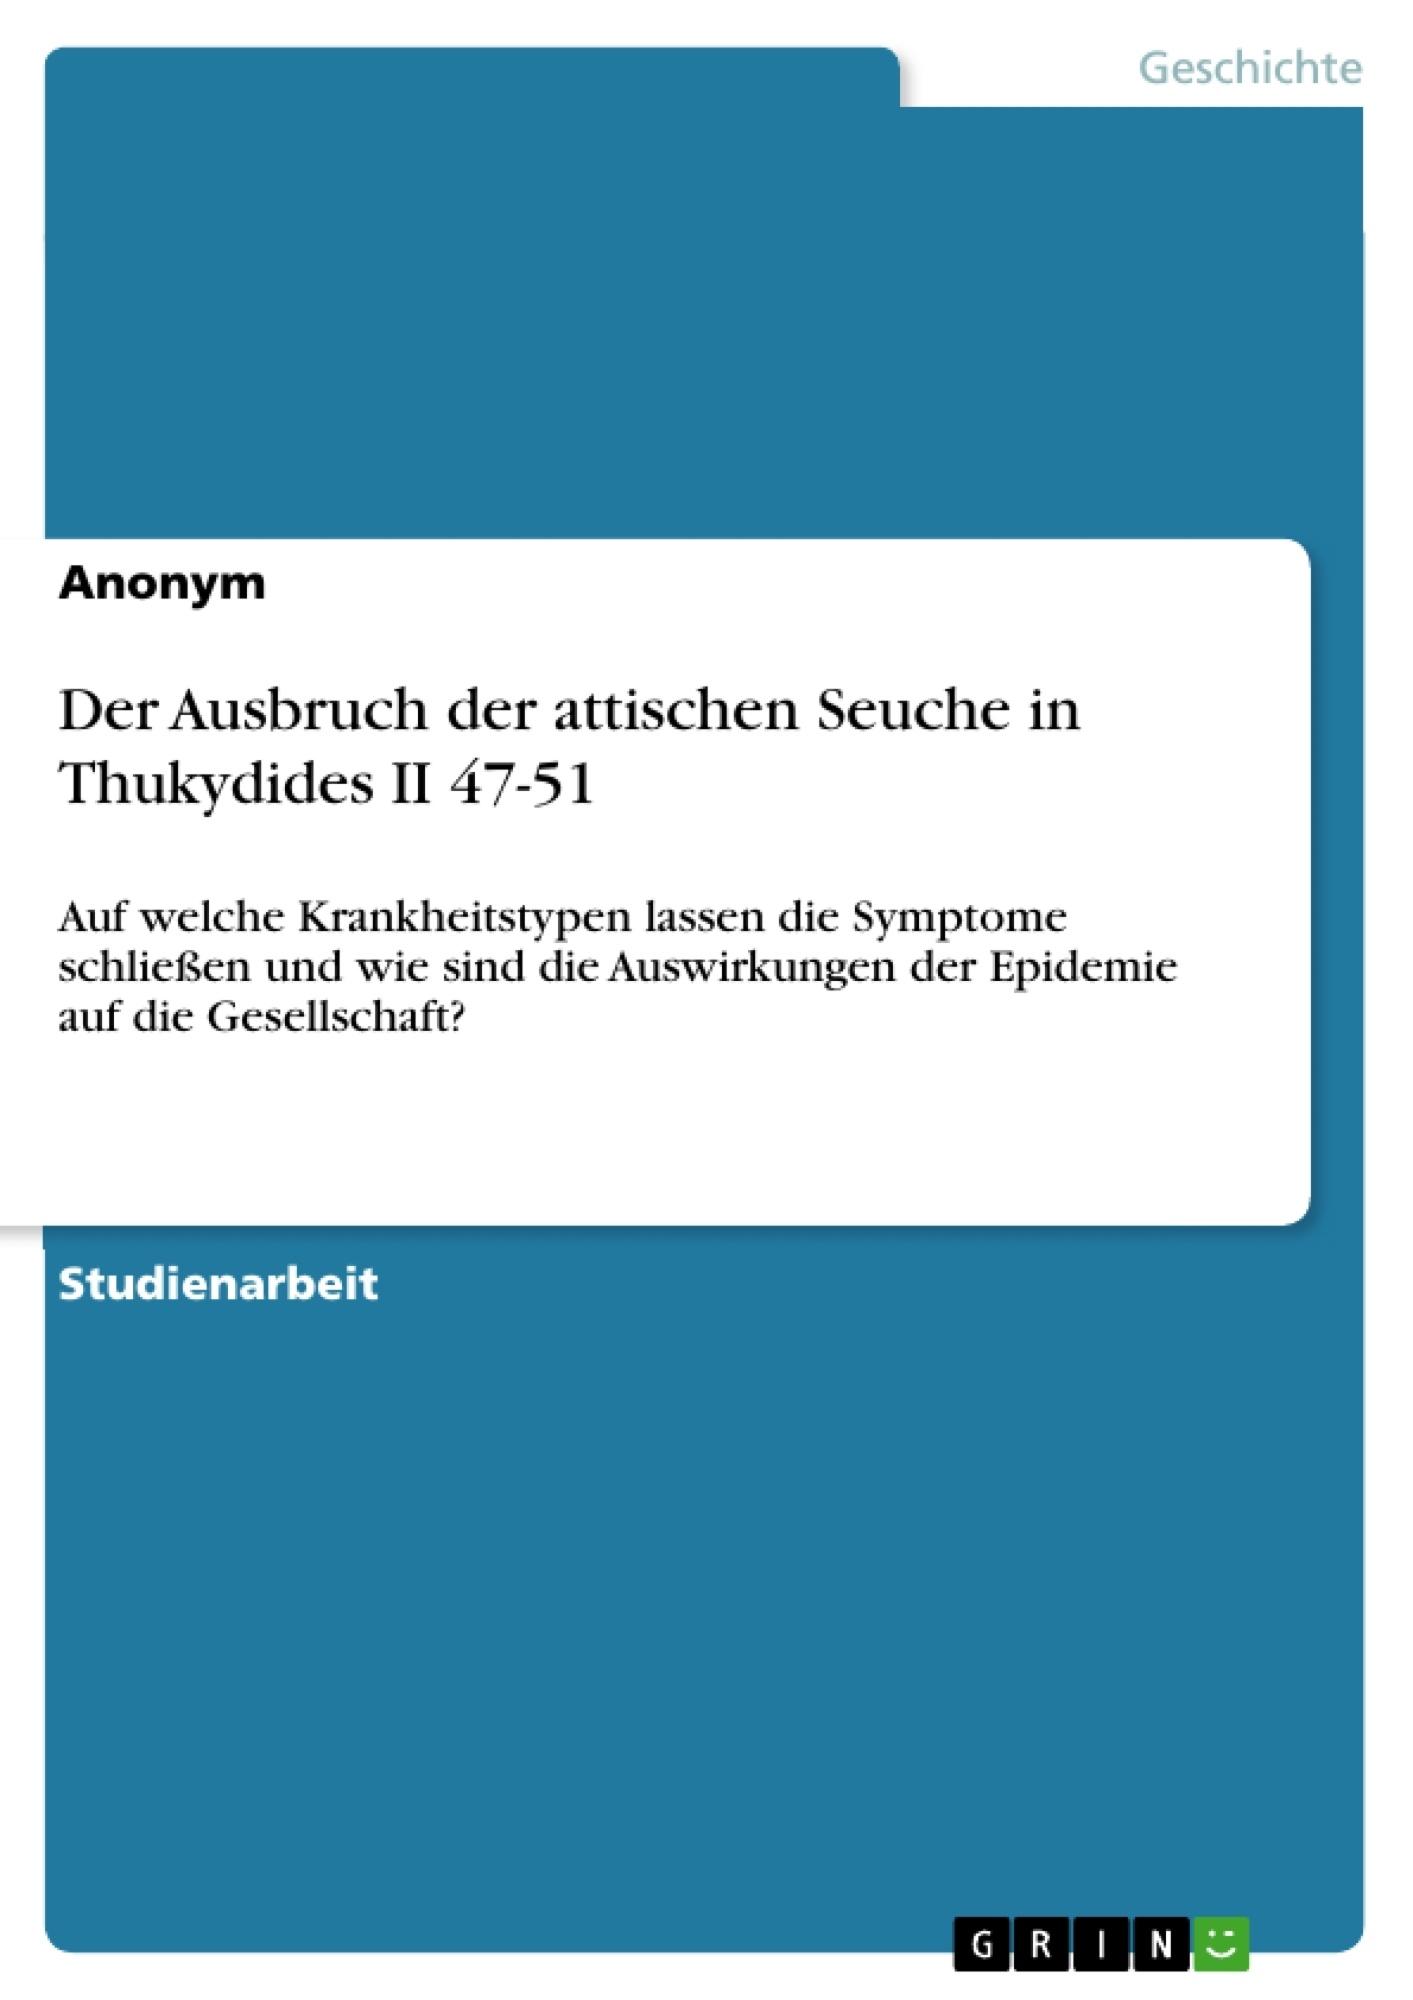 Titel: Der Ausbruch der attischen Seuche in Thukydides II 47-51